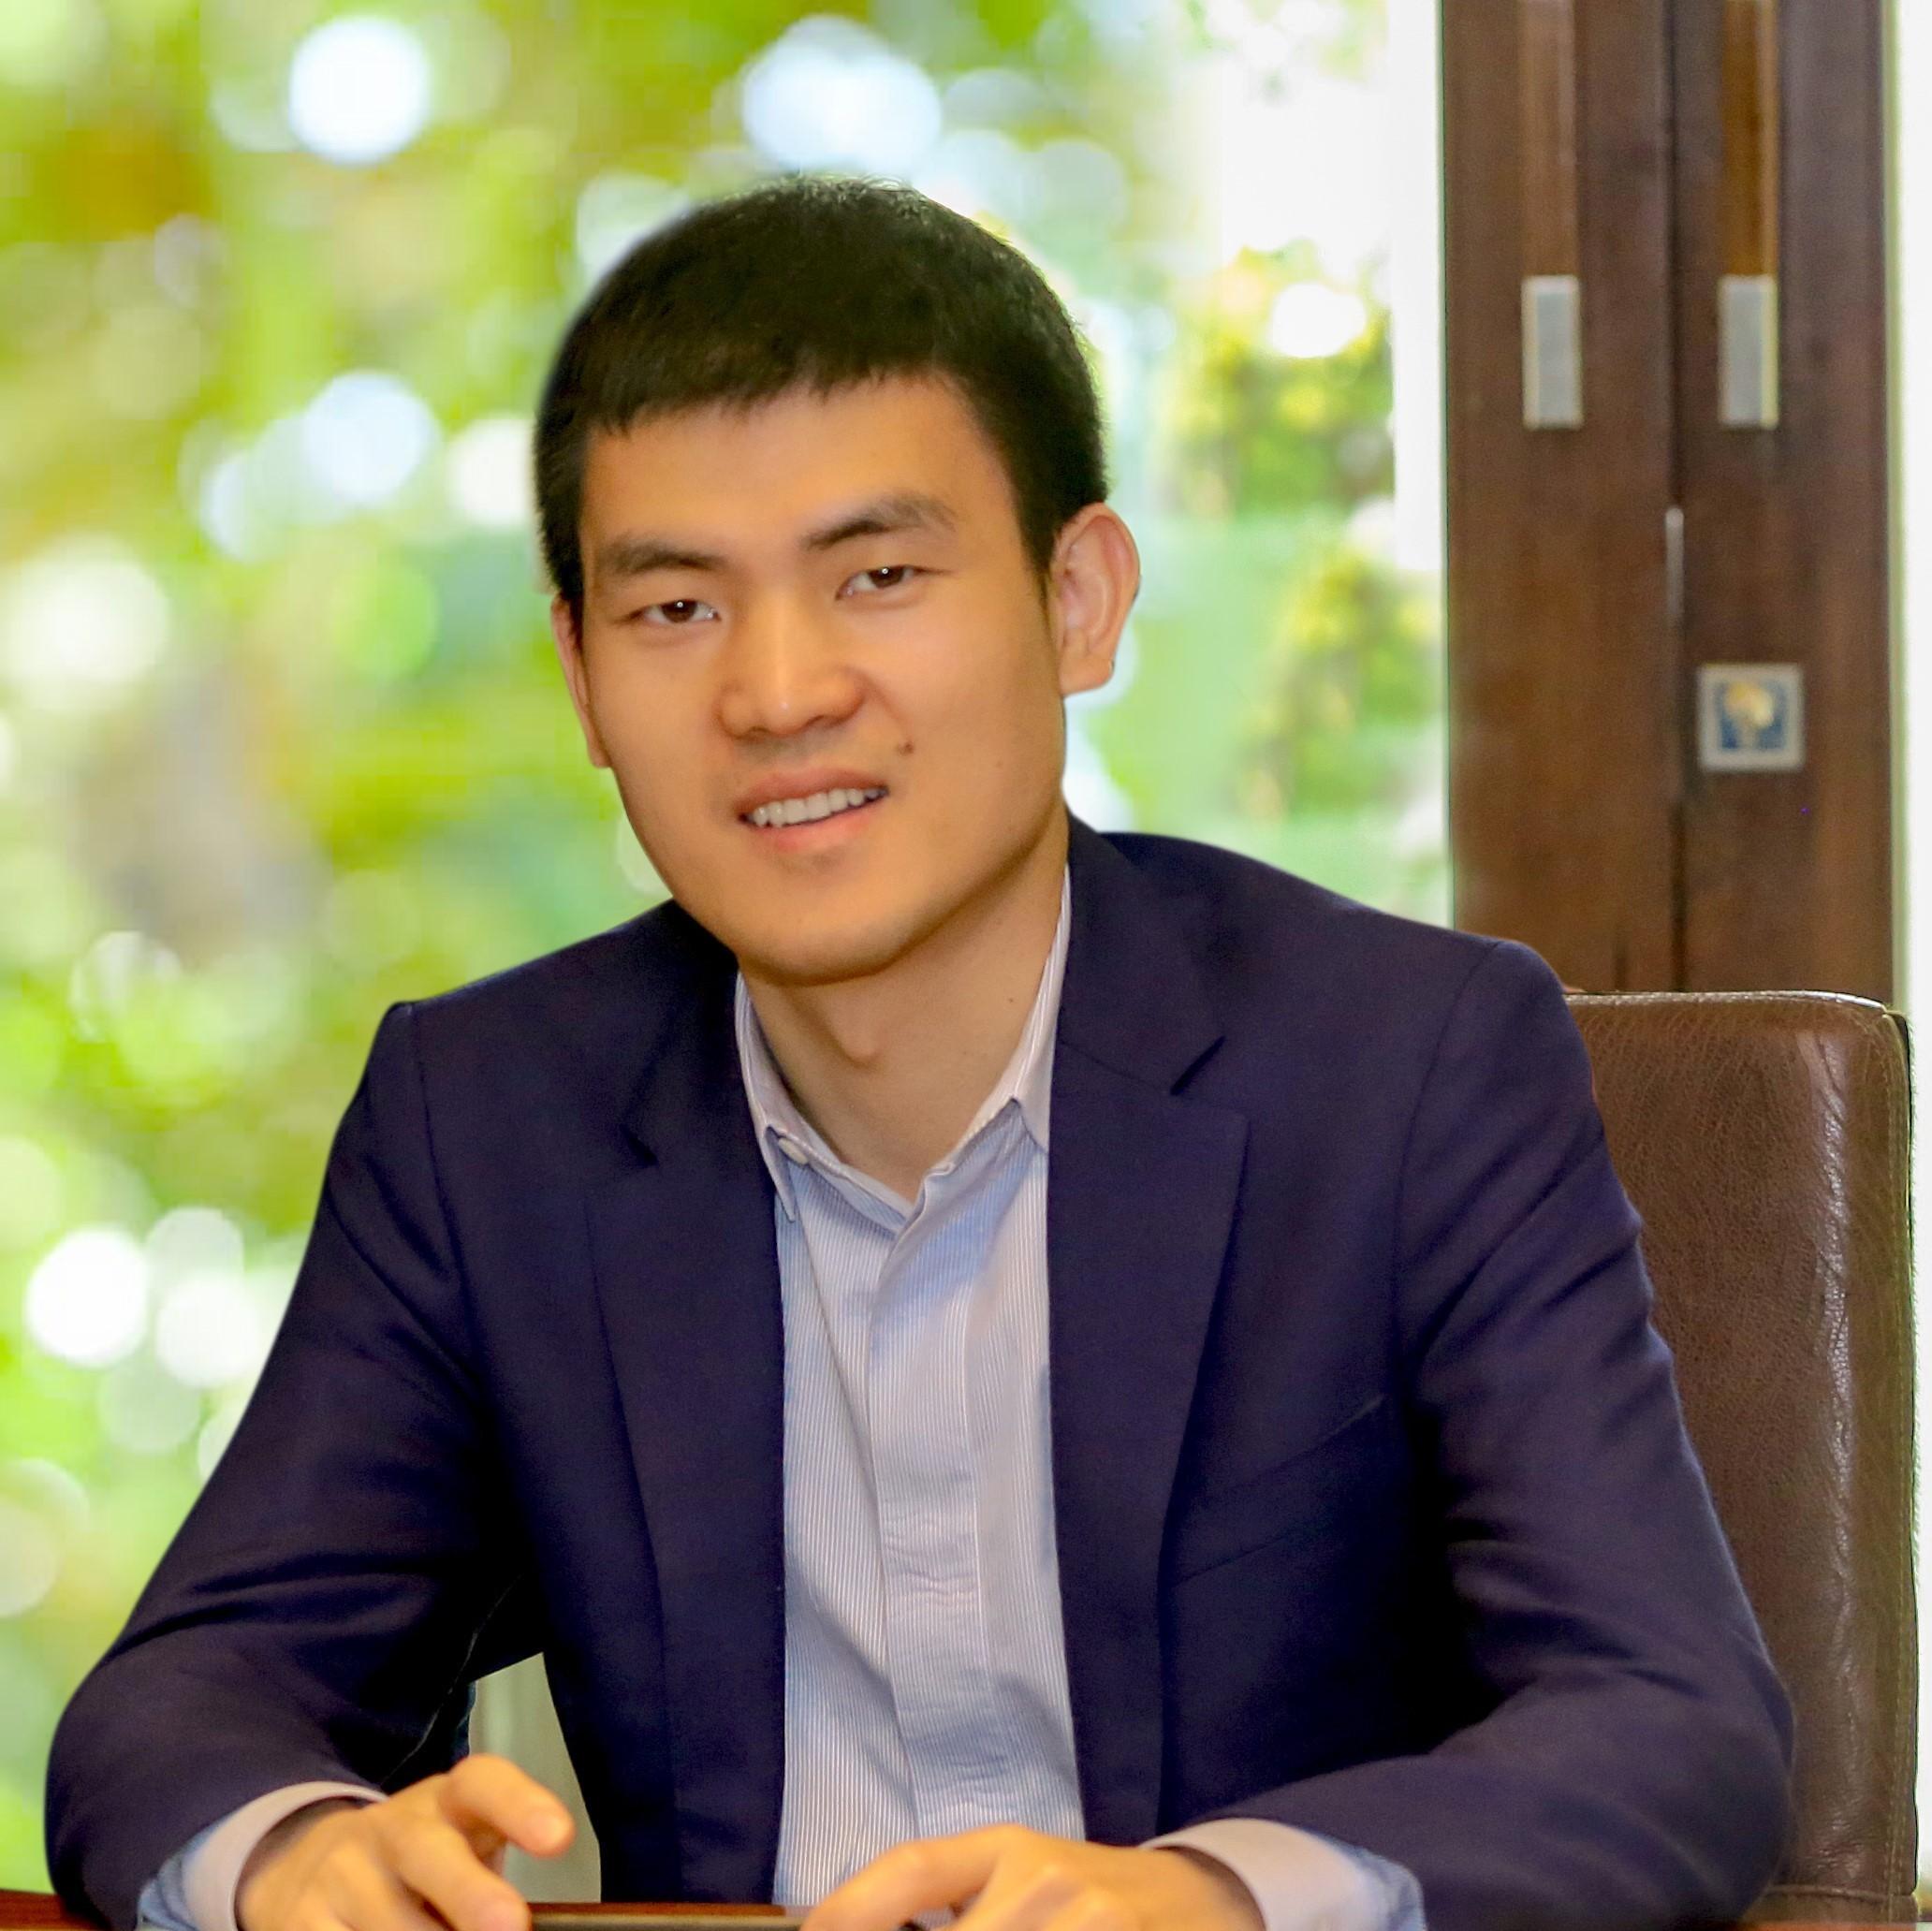 Xiang Binghe